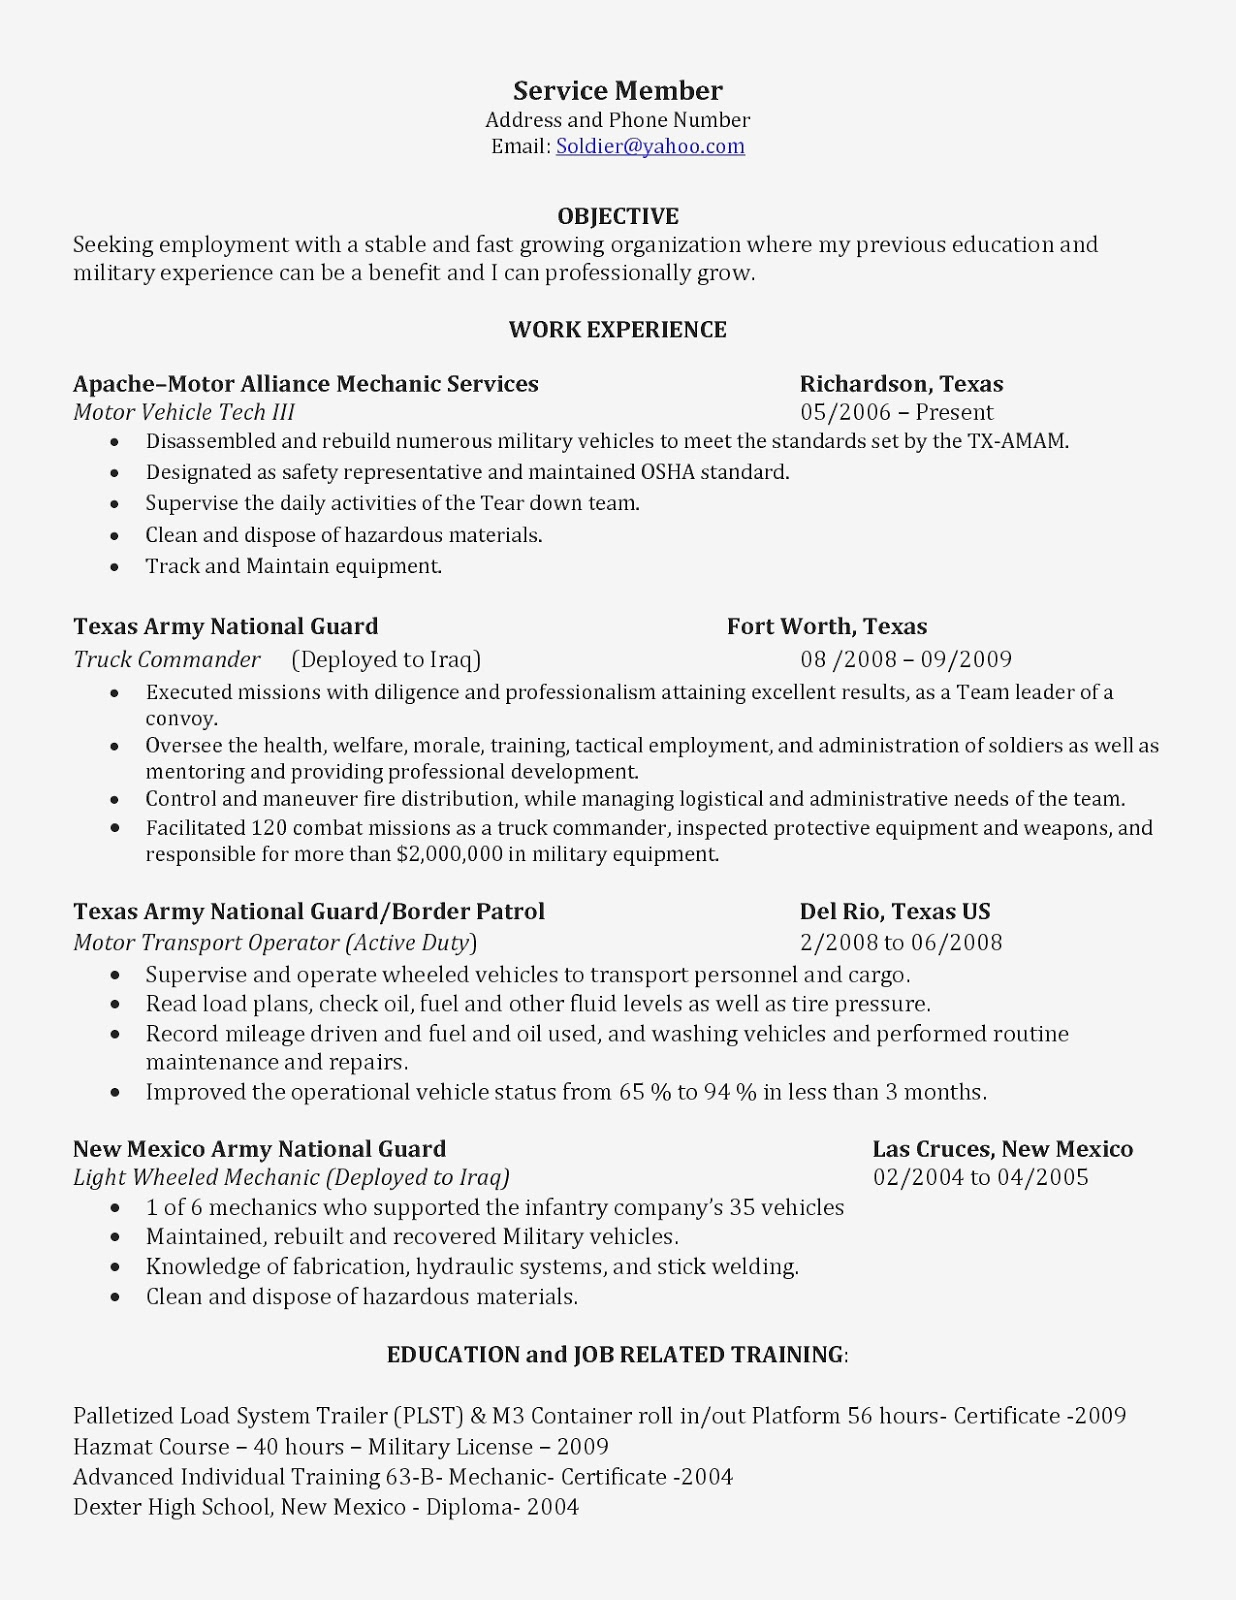 proper resume format proper resume format 2019 proper resume format for job proper resume format download proper resume format pdf proper resume format samples proper resume format for freshers proper resume format philippines proper resume format for engineering students proper resume format examples proper resume format for high school students proper resume format 2018 proper resume format 2020 proper resume format font size proper resume format canada